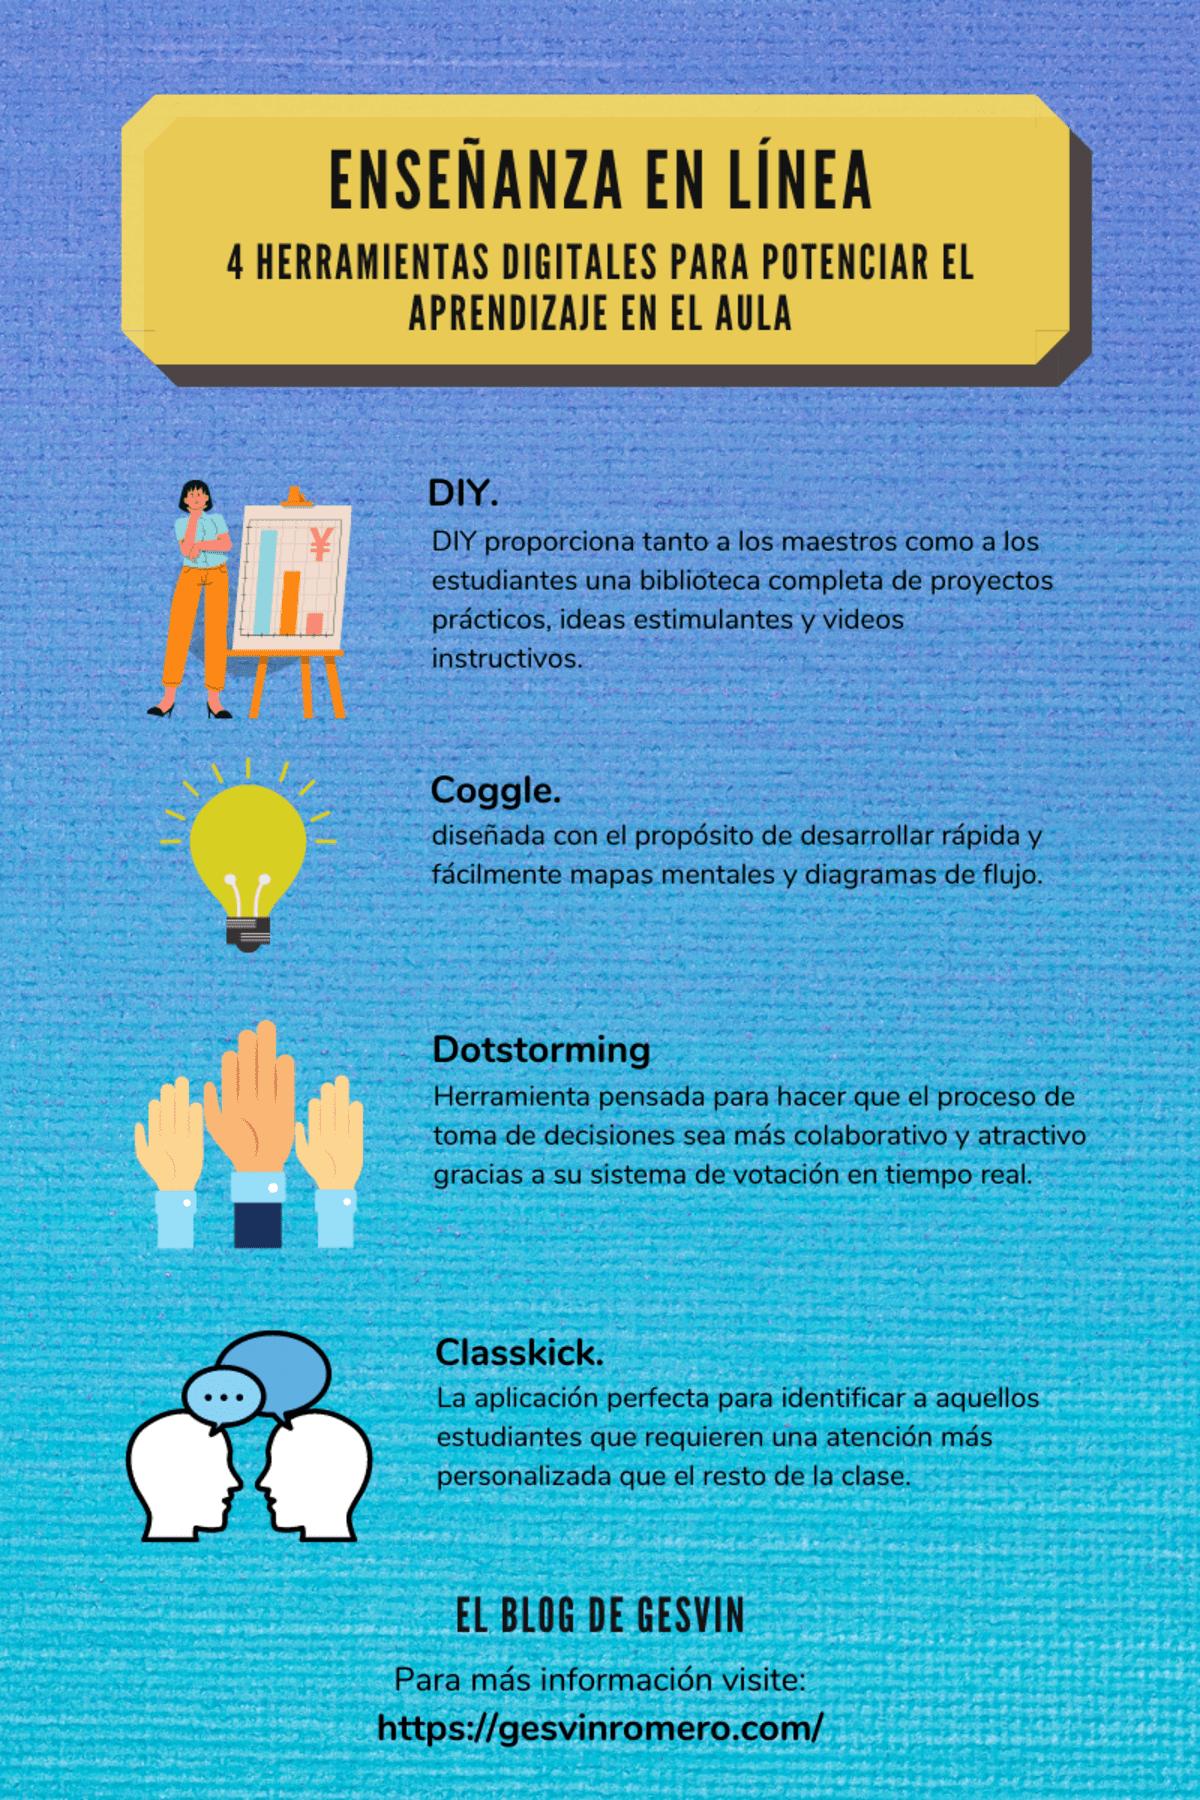 Enseñanza en Línea - 4 Herramientas Digitales para Potenciar el Aprendizaje en el Aula.